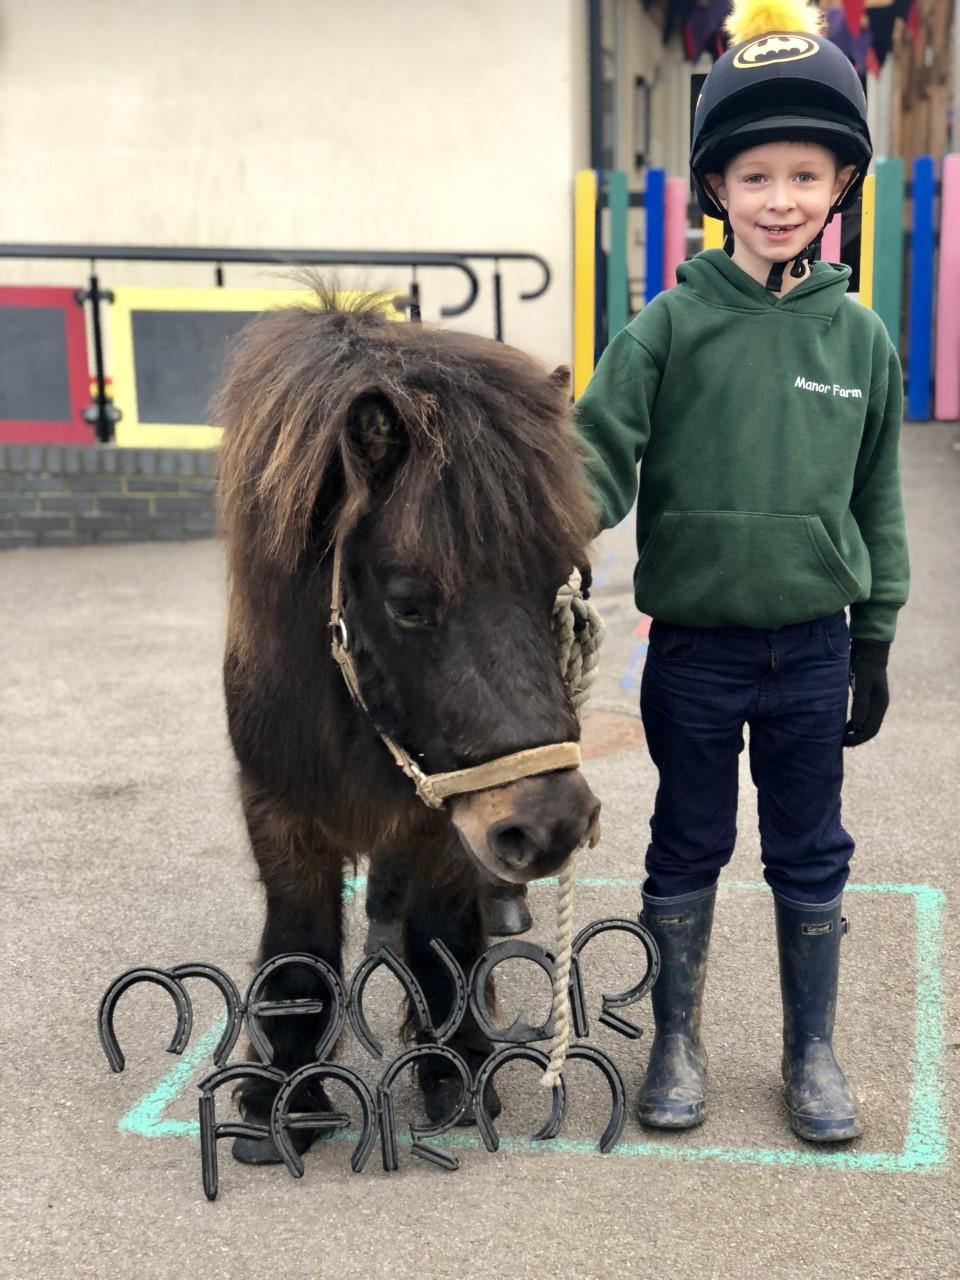 wycliffe boy next to a pony in Manor Farm